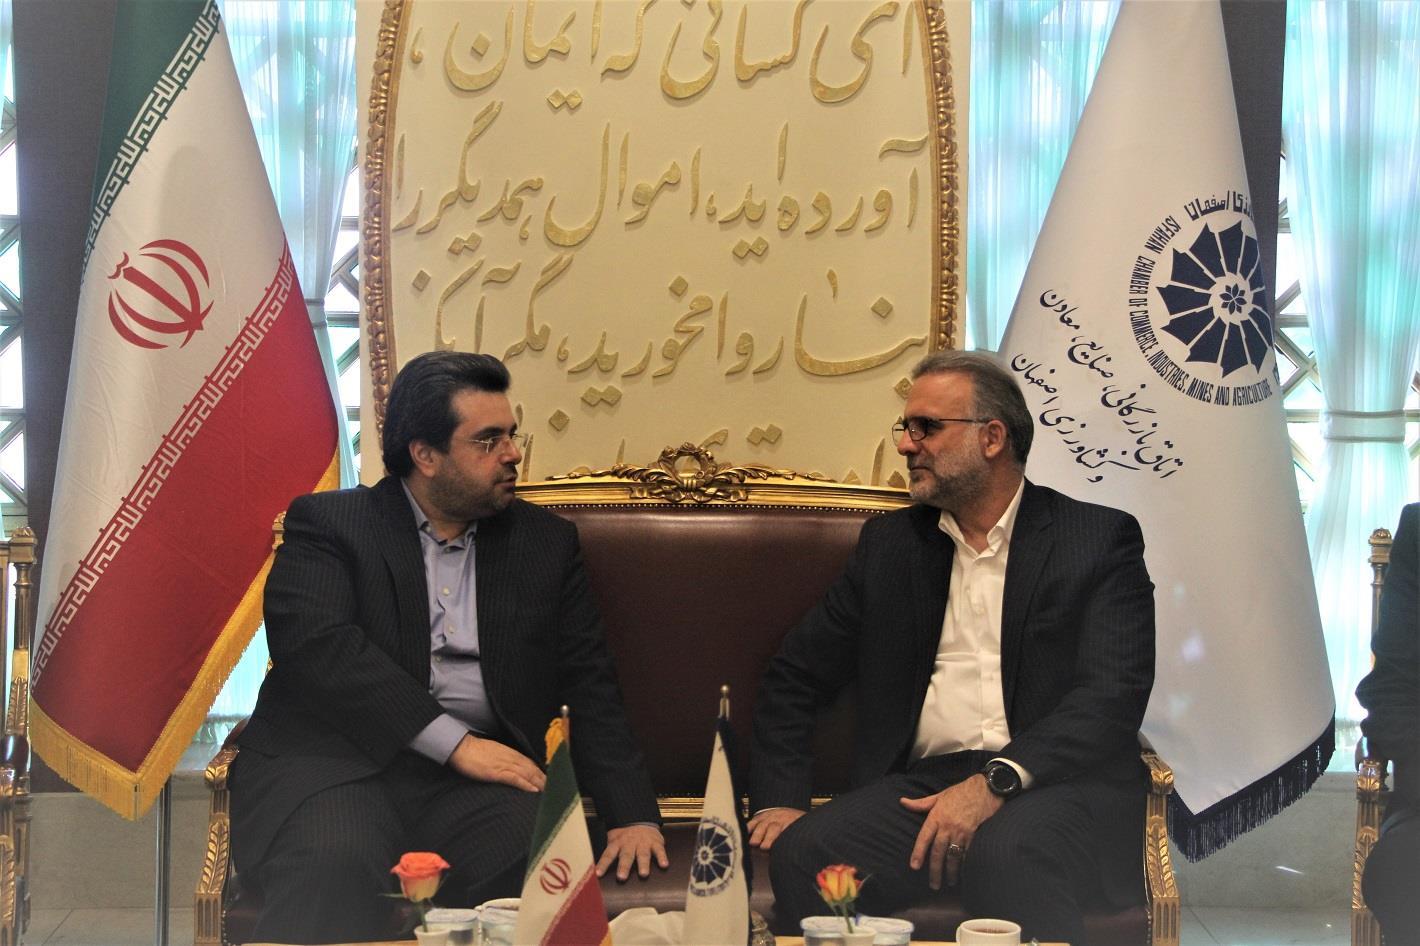 حمایت بانک تجارت  از کسب و کارها نوپا با معرفی اتاق بازرگانی اصفهان